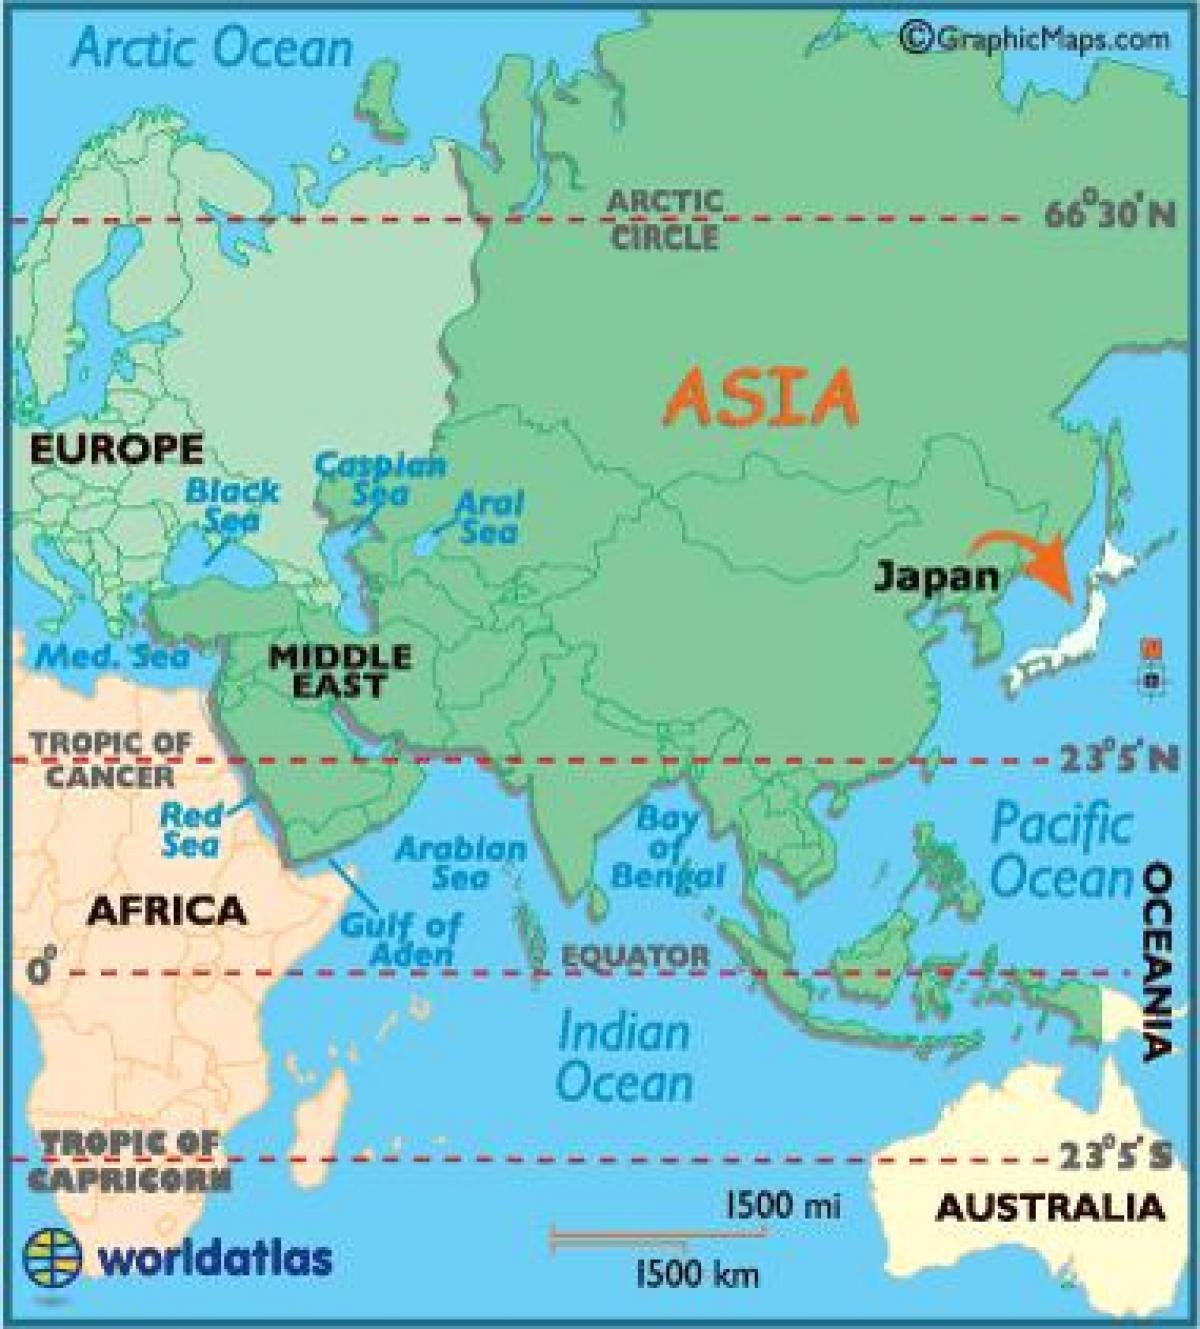 Japan Na Karti Svijeta Karta Svijeta Japanu Istocnoj Aziji Azija